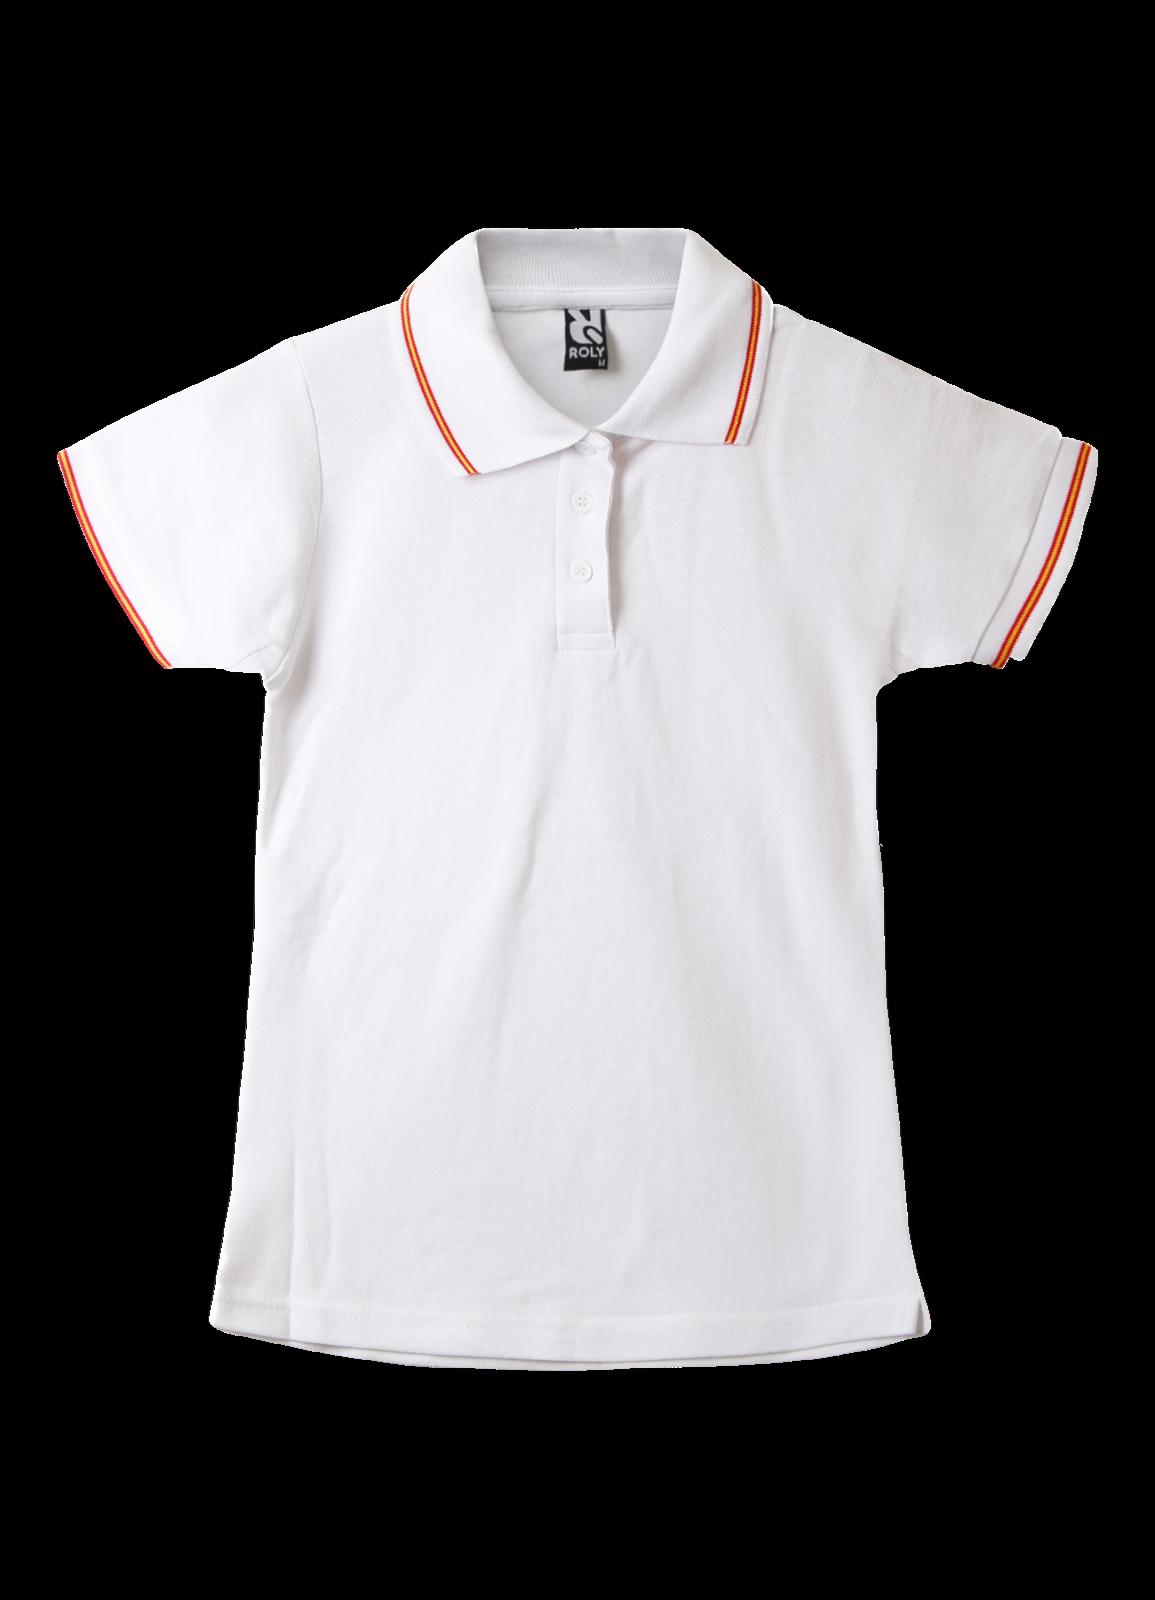 Damen Roly Marken Poloshirt  Slim-Fit T-shirts